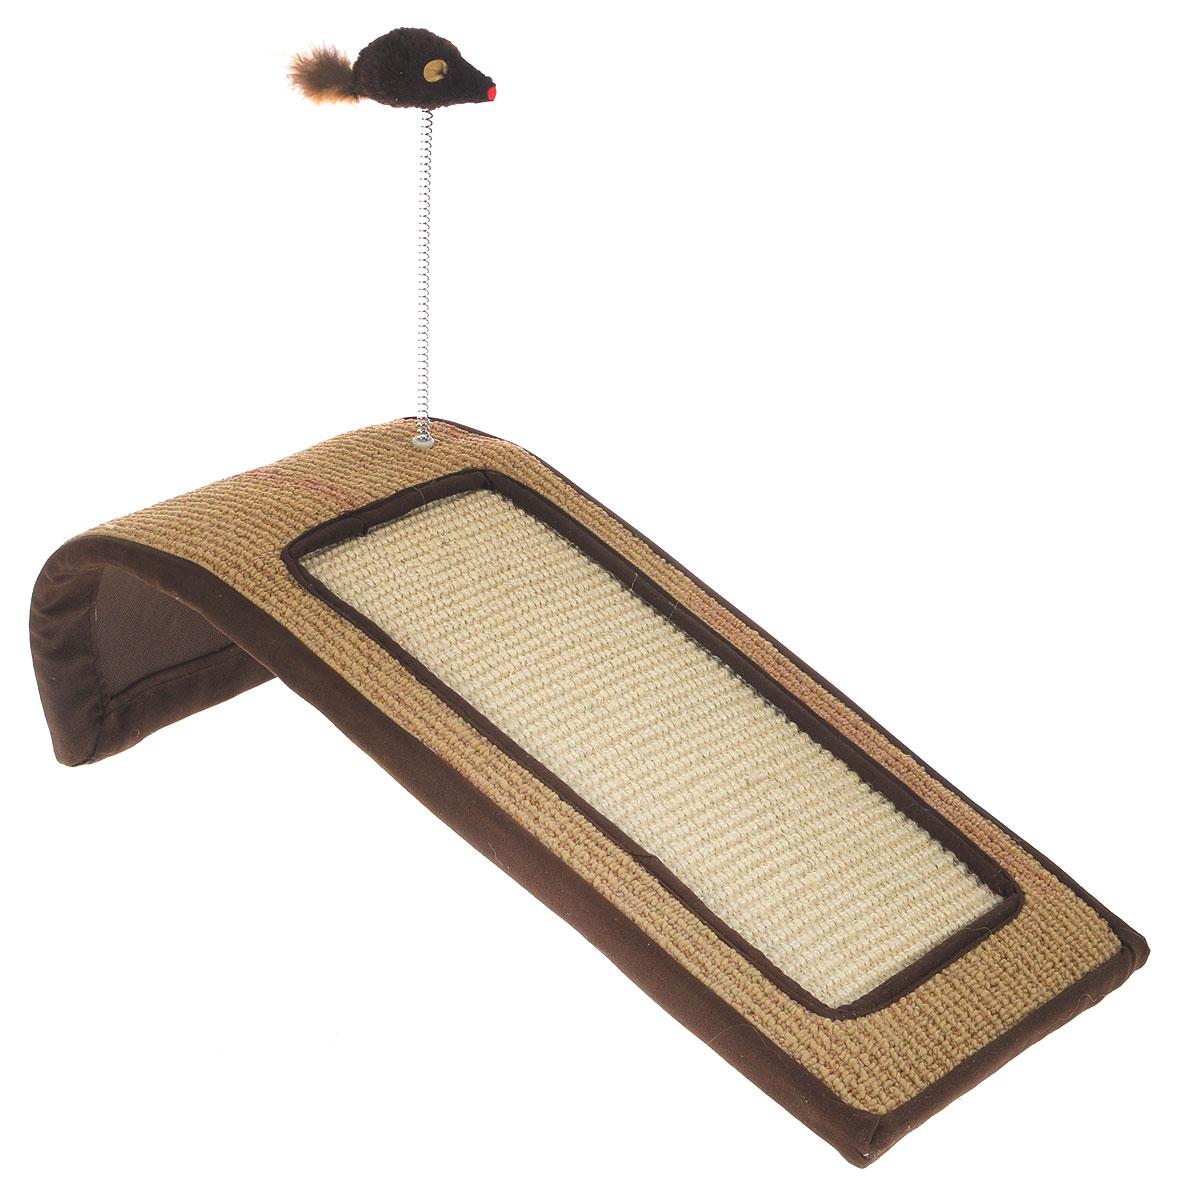 Когтеточка Triol Горка, с игрушкой, 50 х 22 х 14 смNT144Когтеточка Triol Горка станет любимым местом для вашего питомца. Мышка на пружине привлечет дополнительное внимание к когтеточке. Изделие выполнено из ДСП, текстиля, ковролина и сизаля. Структура материала когтеточки позволяет кошачьим лапкам проникать внутрь и извлекаться с высоким трением, так что ороговевшие частички когтя остаются внутри волокон. По своей природе сизаль обладает уникальным антистатическим свойством, следовательно, когтеточка не накапливает пыль, что является дополнительным привлекательным качеством, поскольку облегчает процесс уборки.